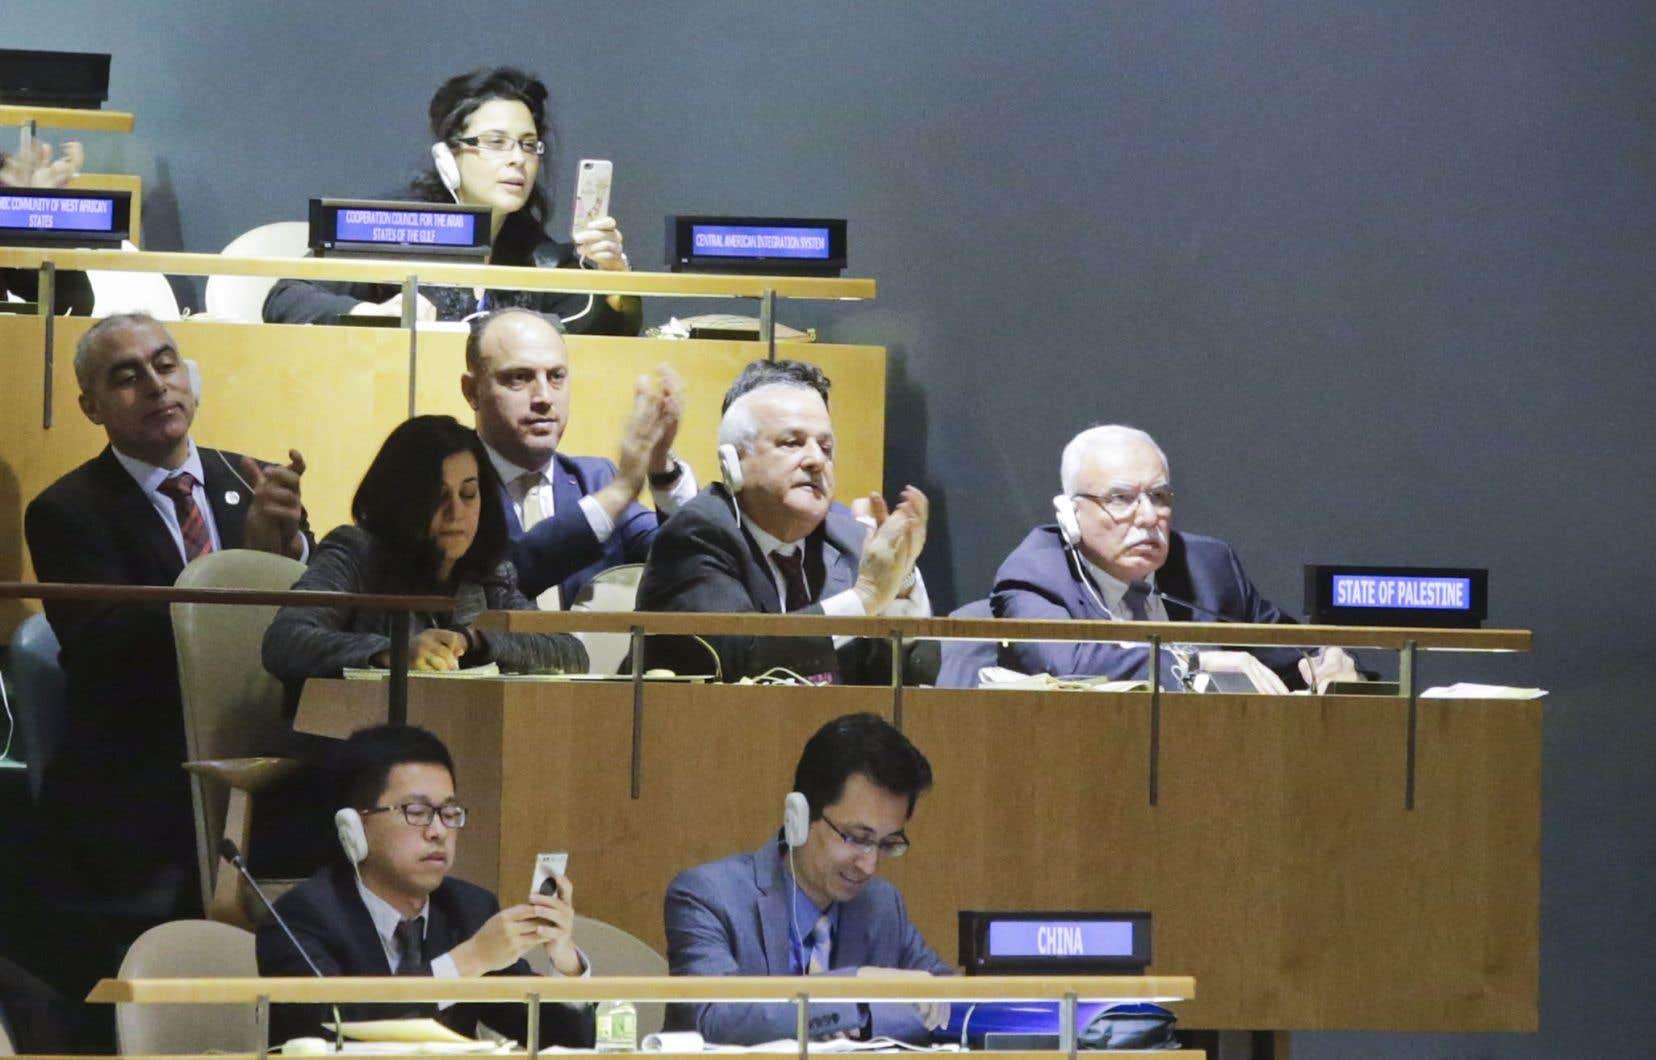 La délégation palestinienne à l'ONU se réjouit de la résolution, approuvée par une large majorité de pays, condamnant la décision américaine de reconnaître Jérusalem comme la capitale d'Israël.